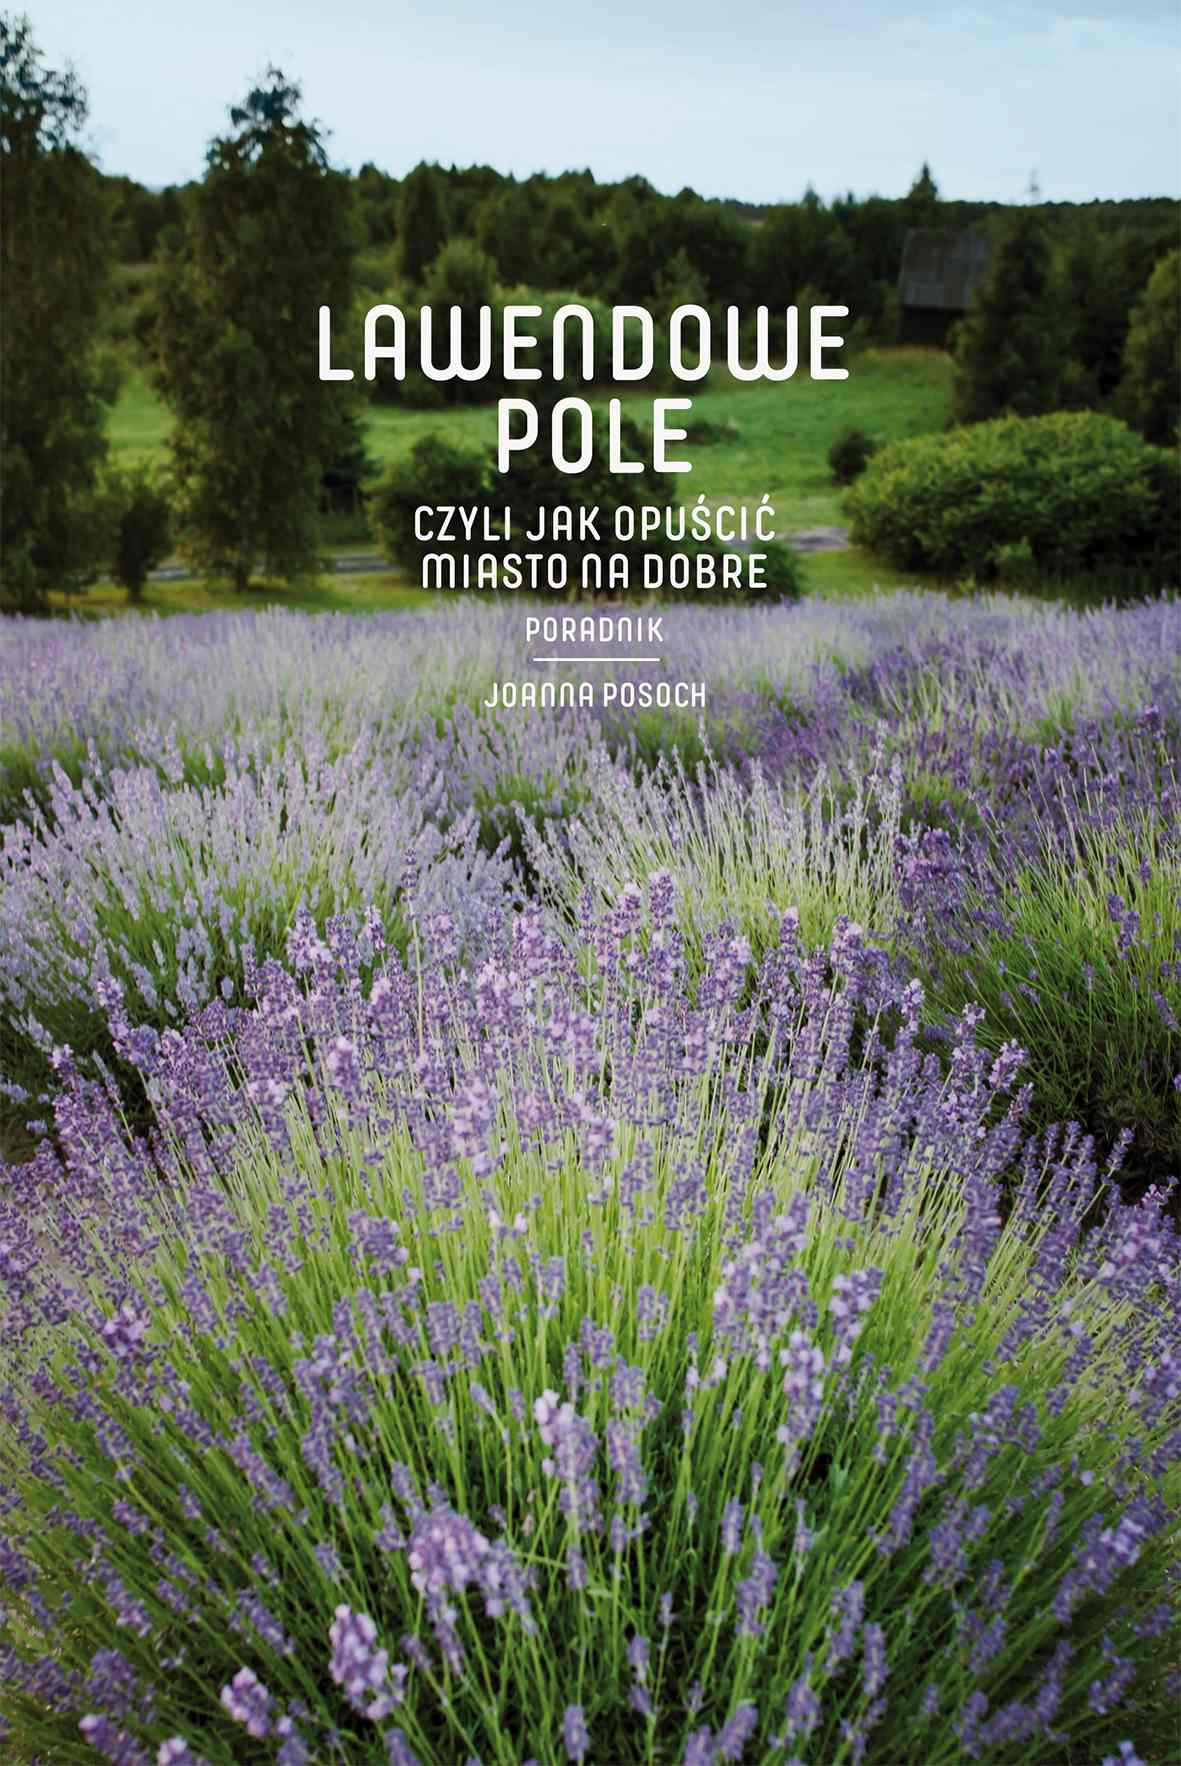 Lawendowe pole - Ebook (Książka EPUB) do pobrania w formacie EPUB